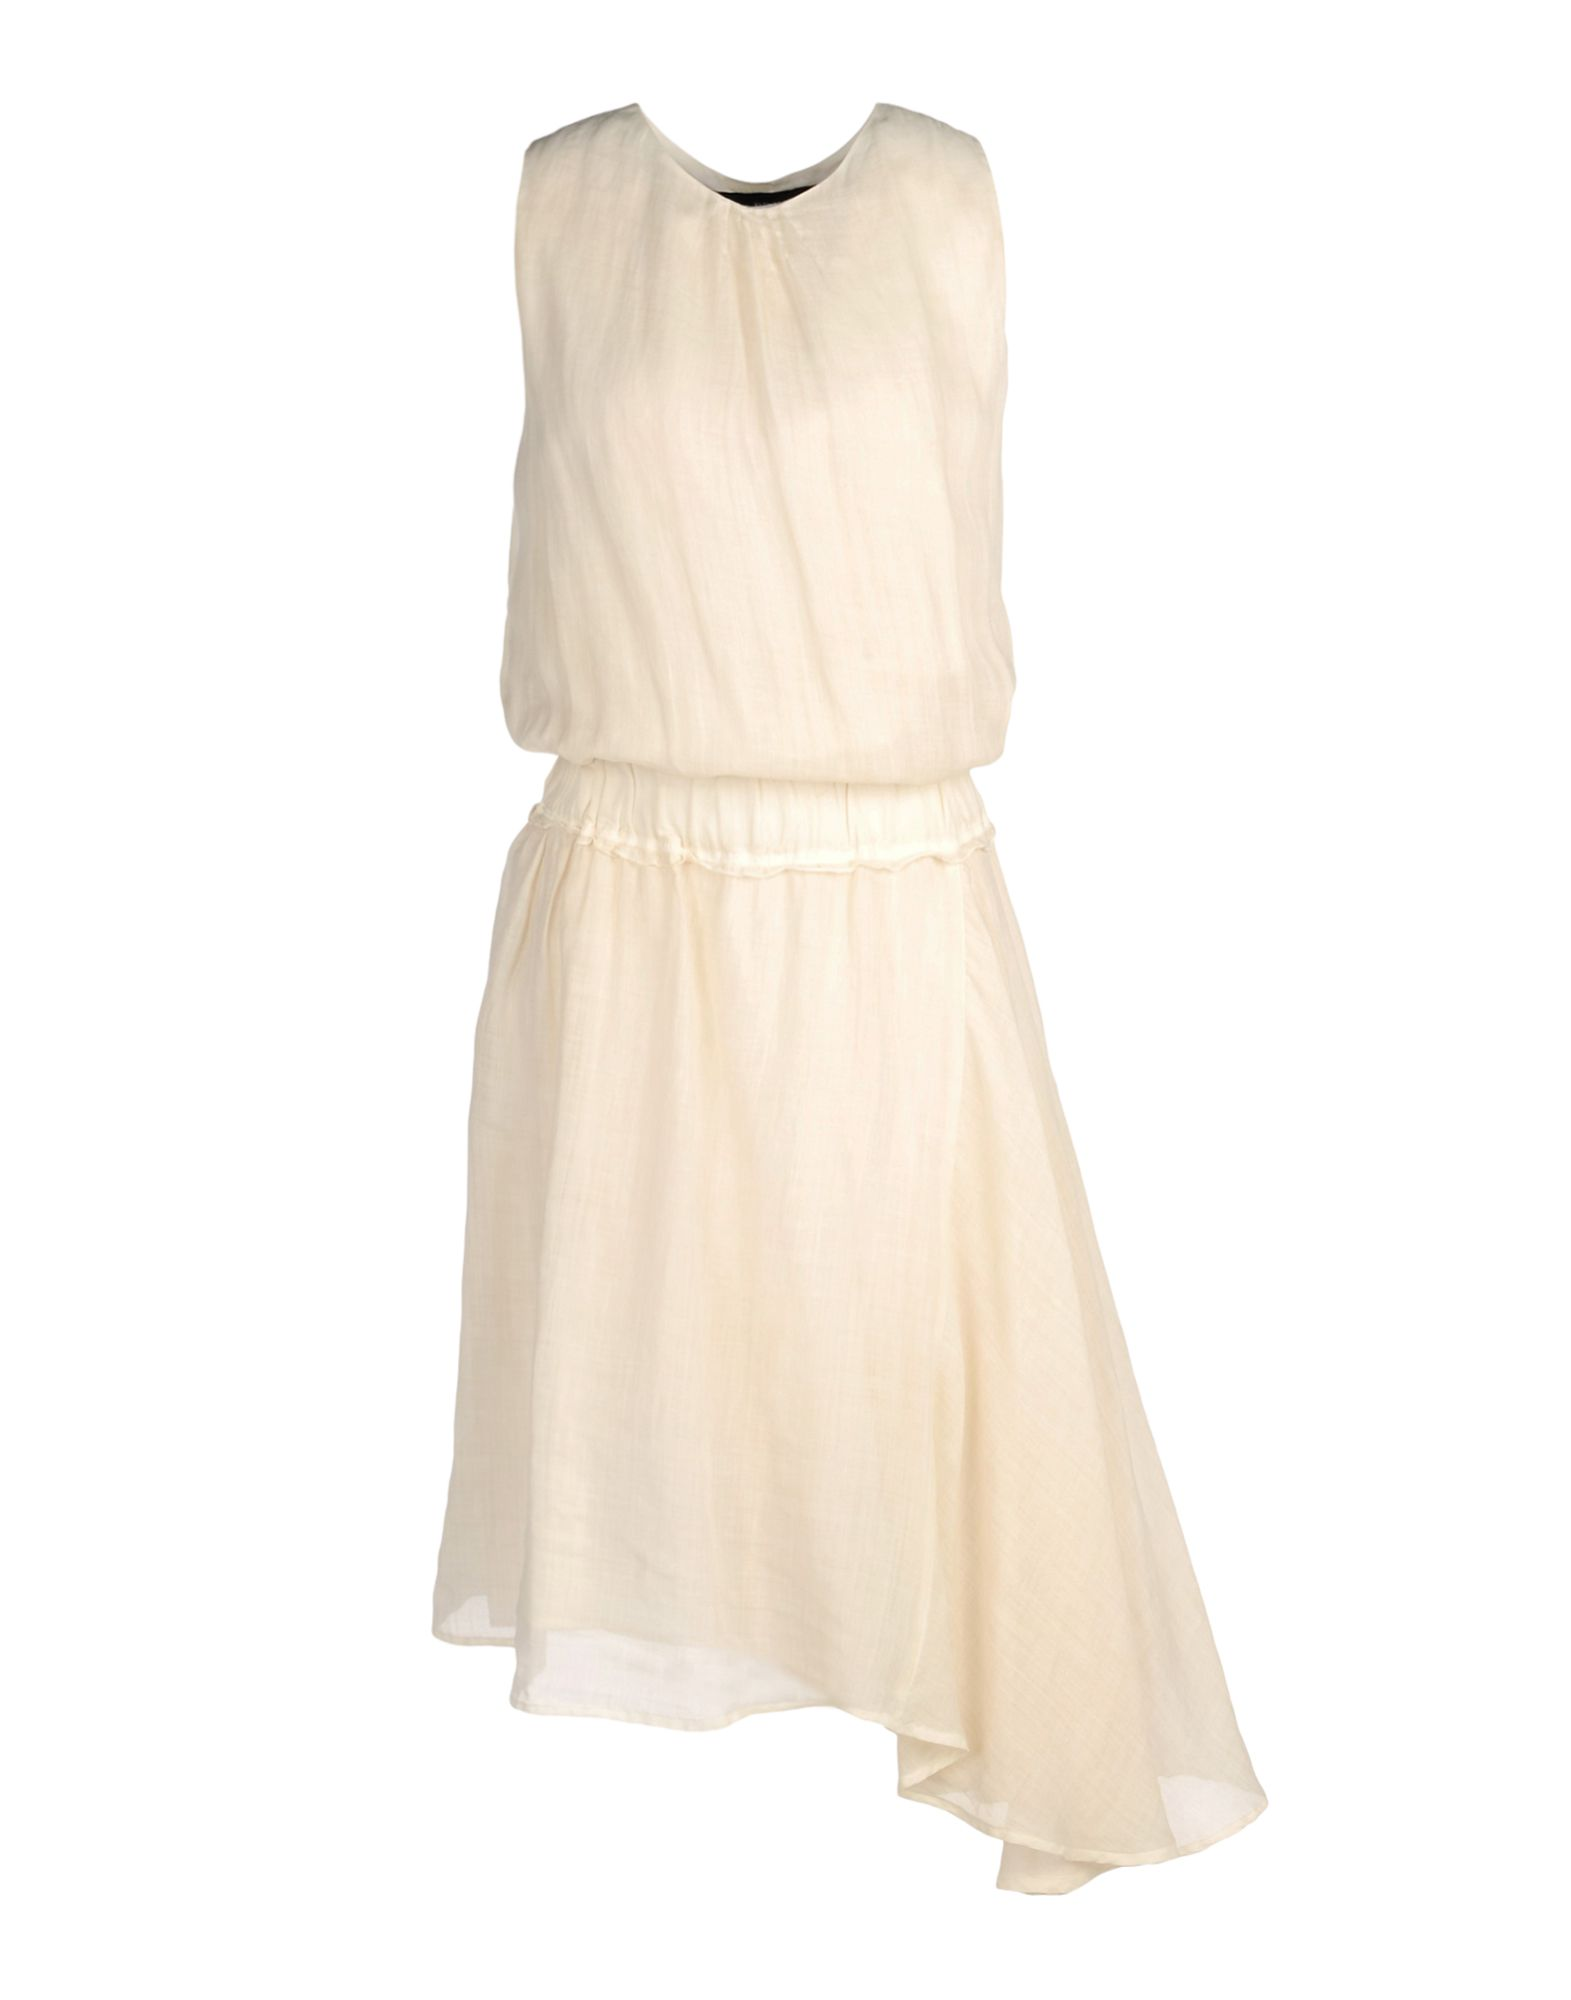 где купить COLLECTION PRIVĒE? Короткое платье по лучшей цене